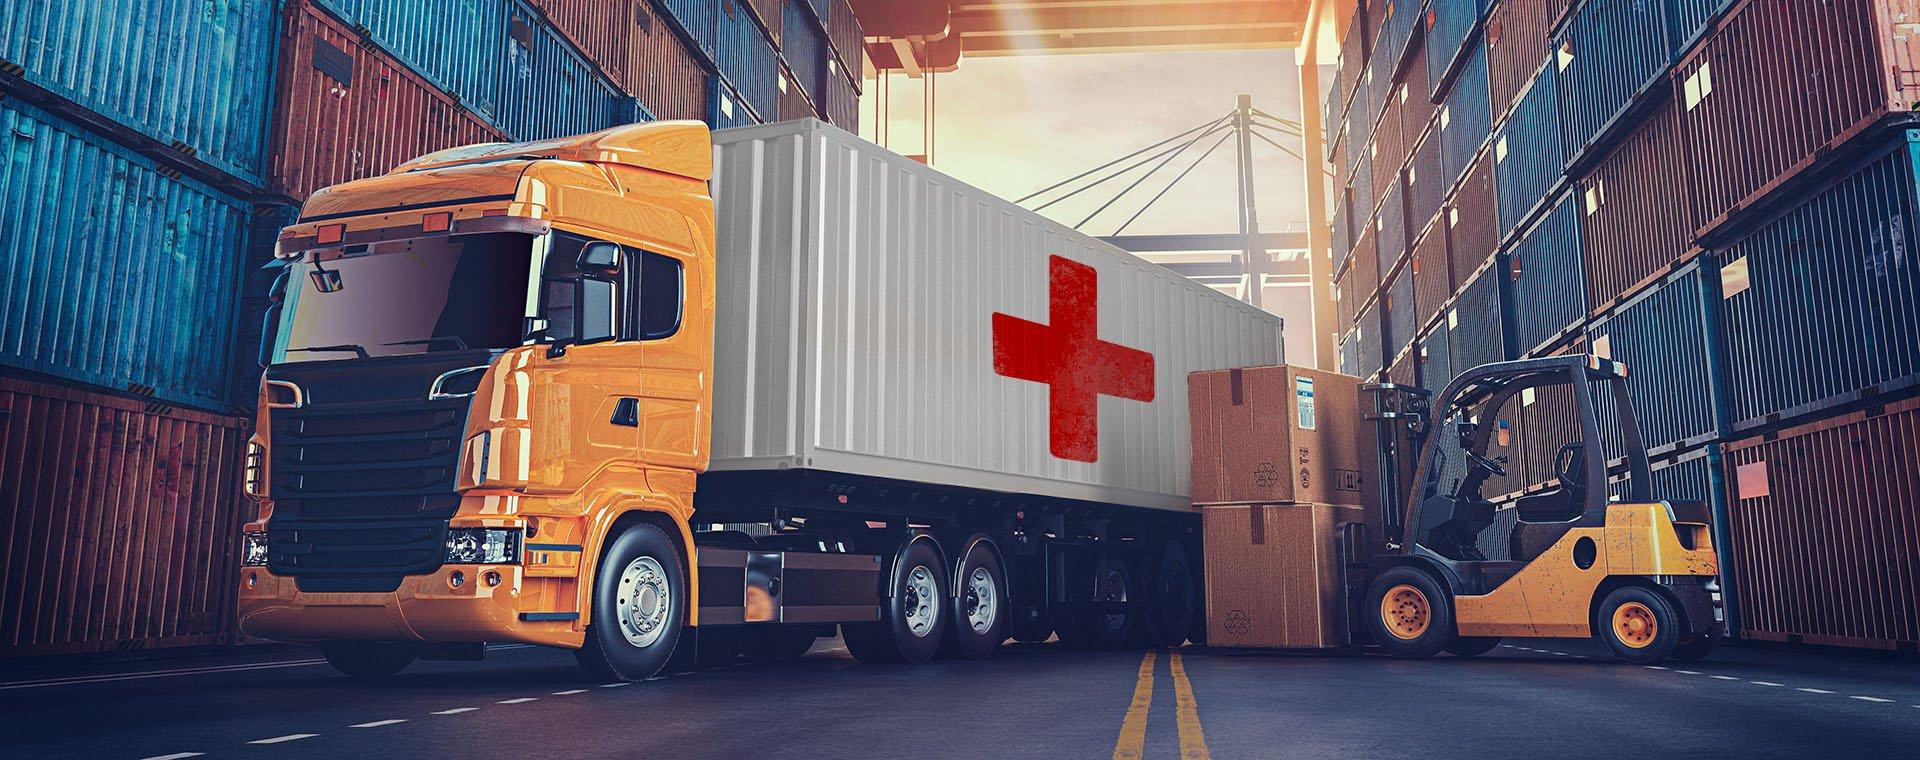 ANSIC Logistics